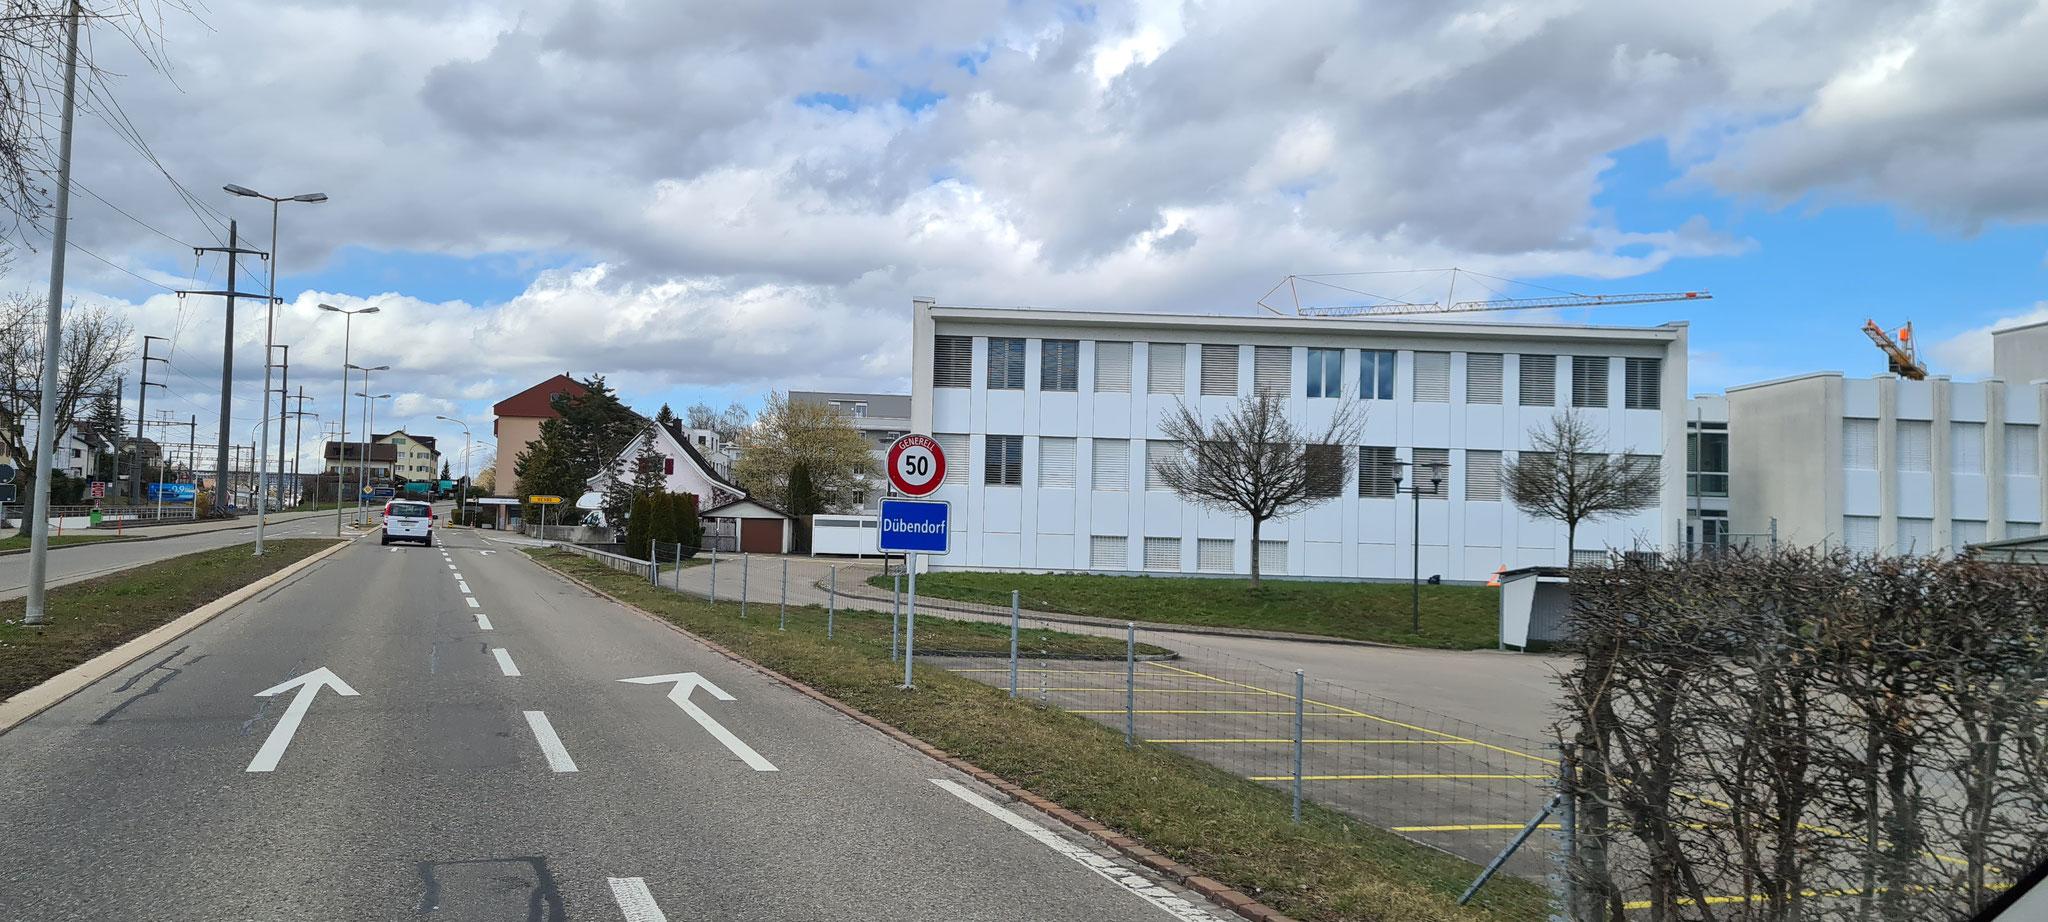 Abfahrt Dübendorf...